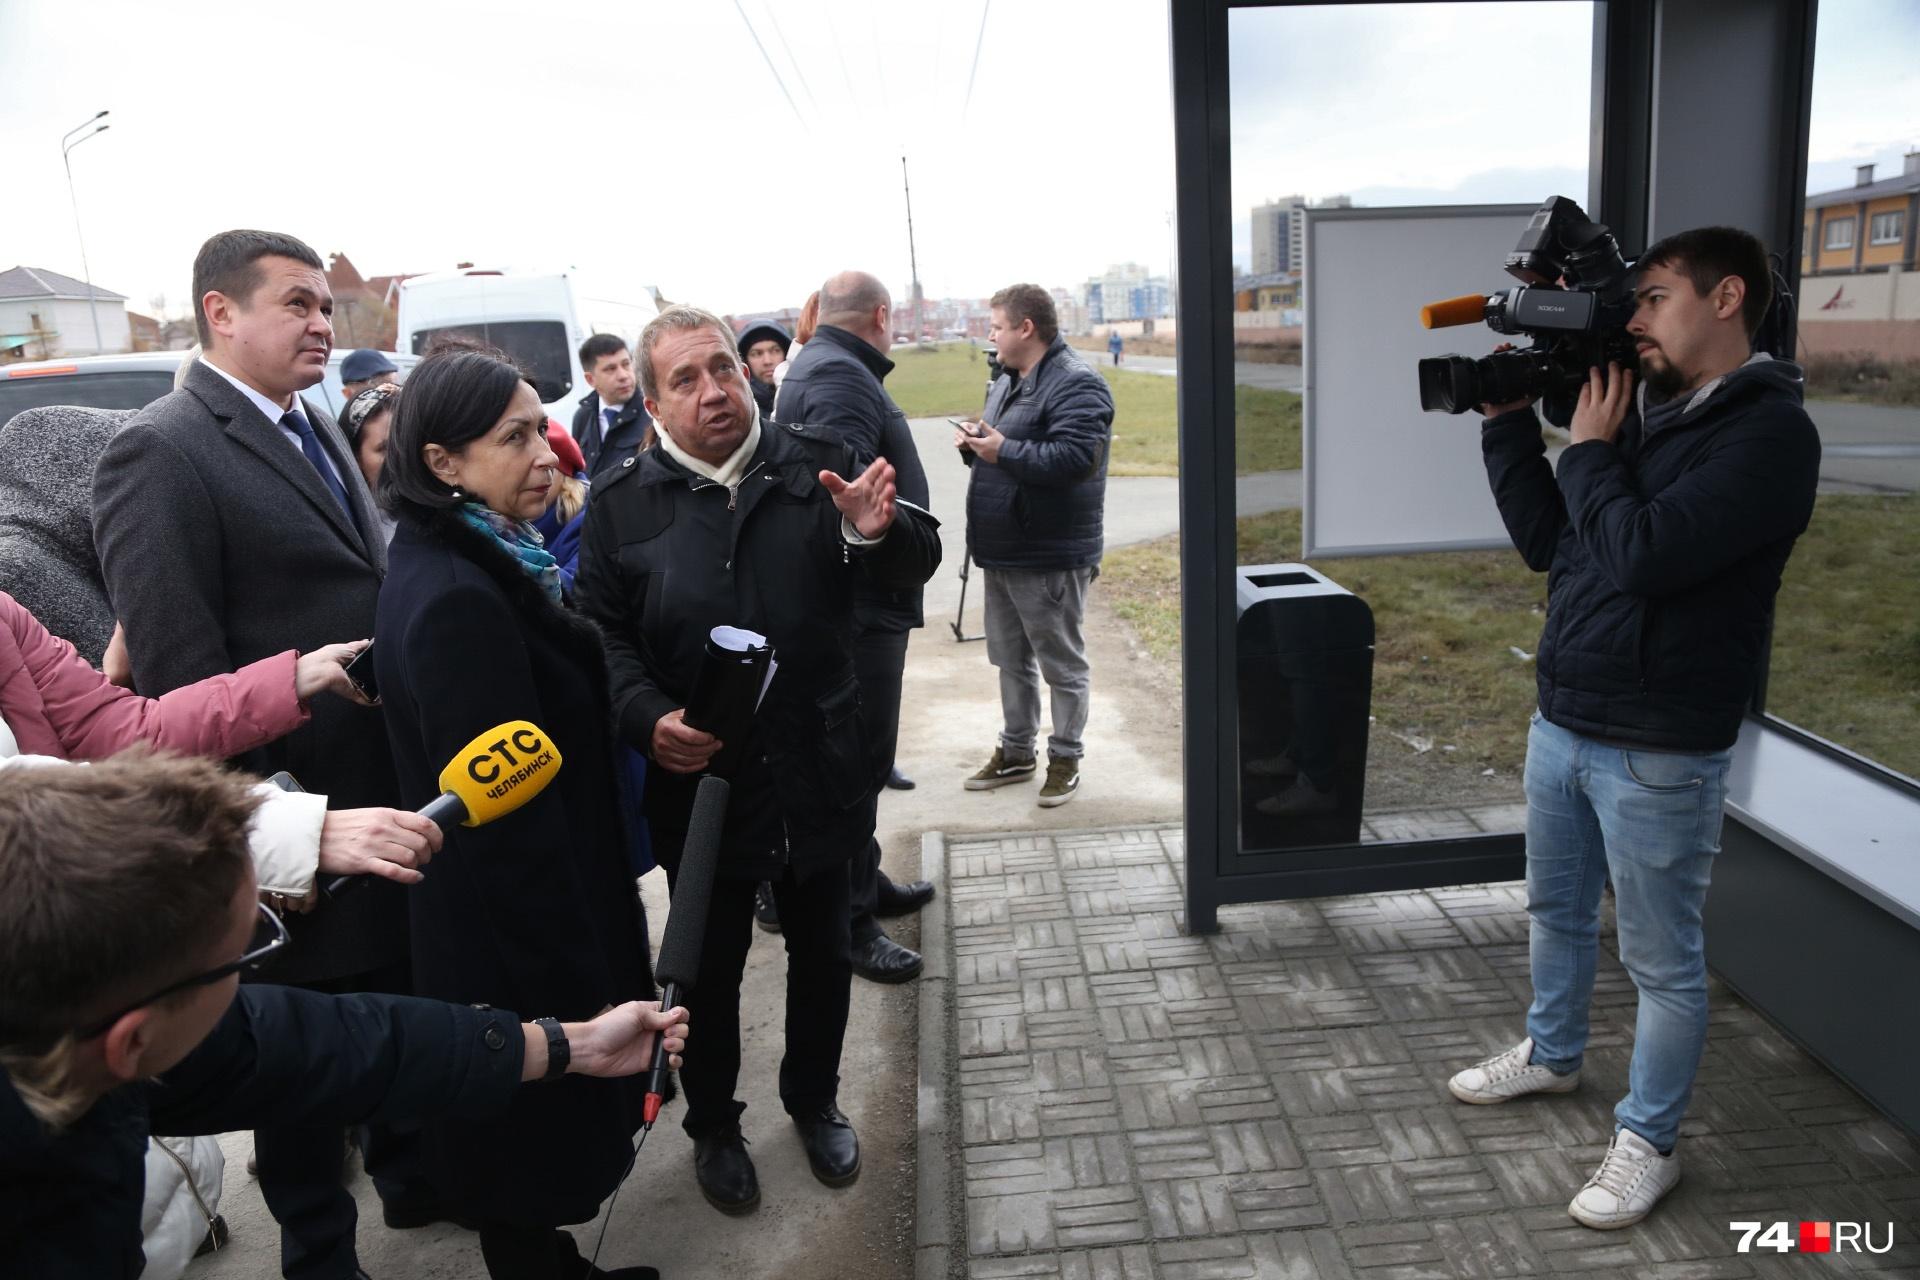 Пока ажиотажа на остановке возле Благодатово нет, журналистов здесь больше, чем пассажиров